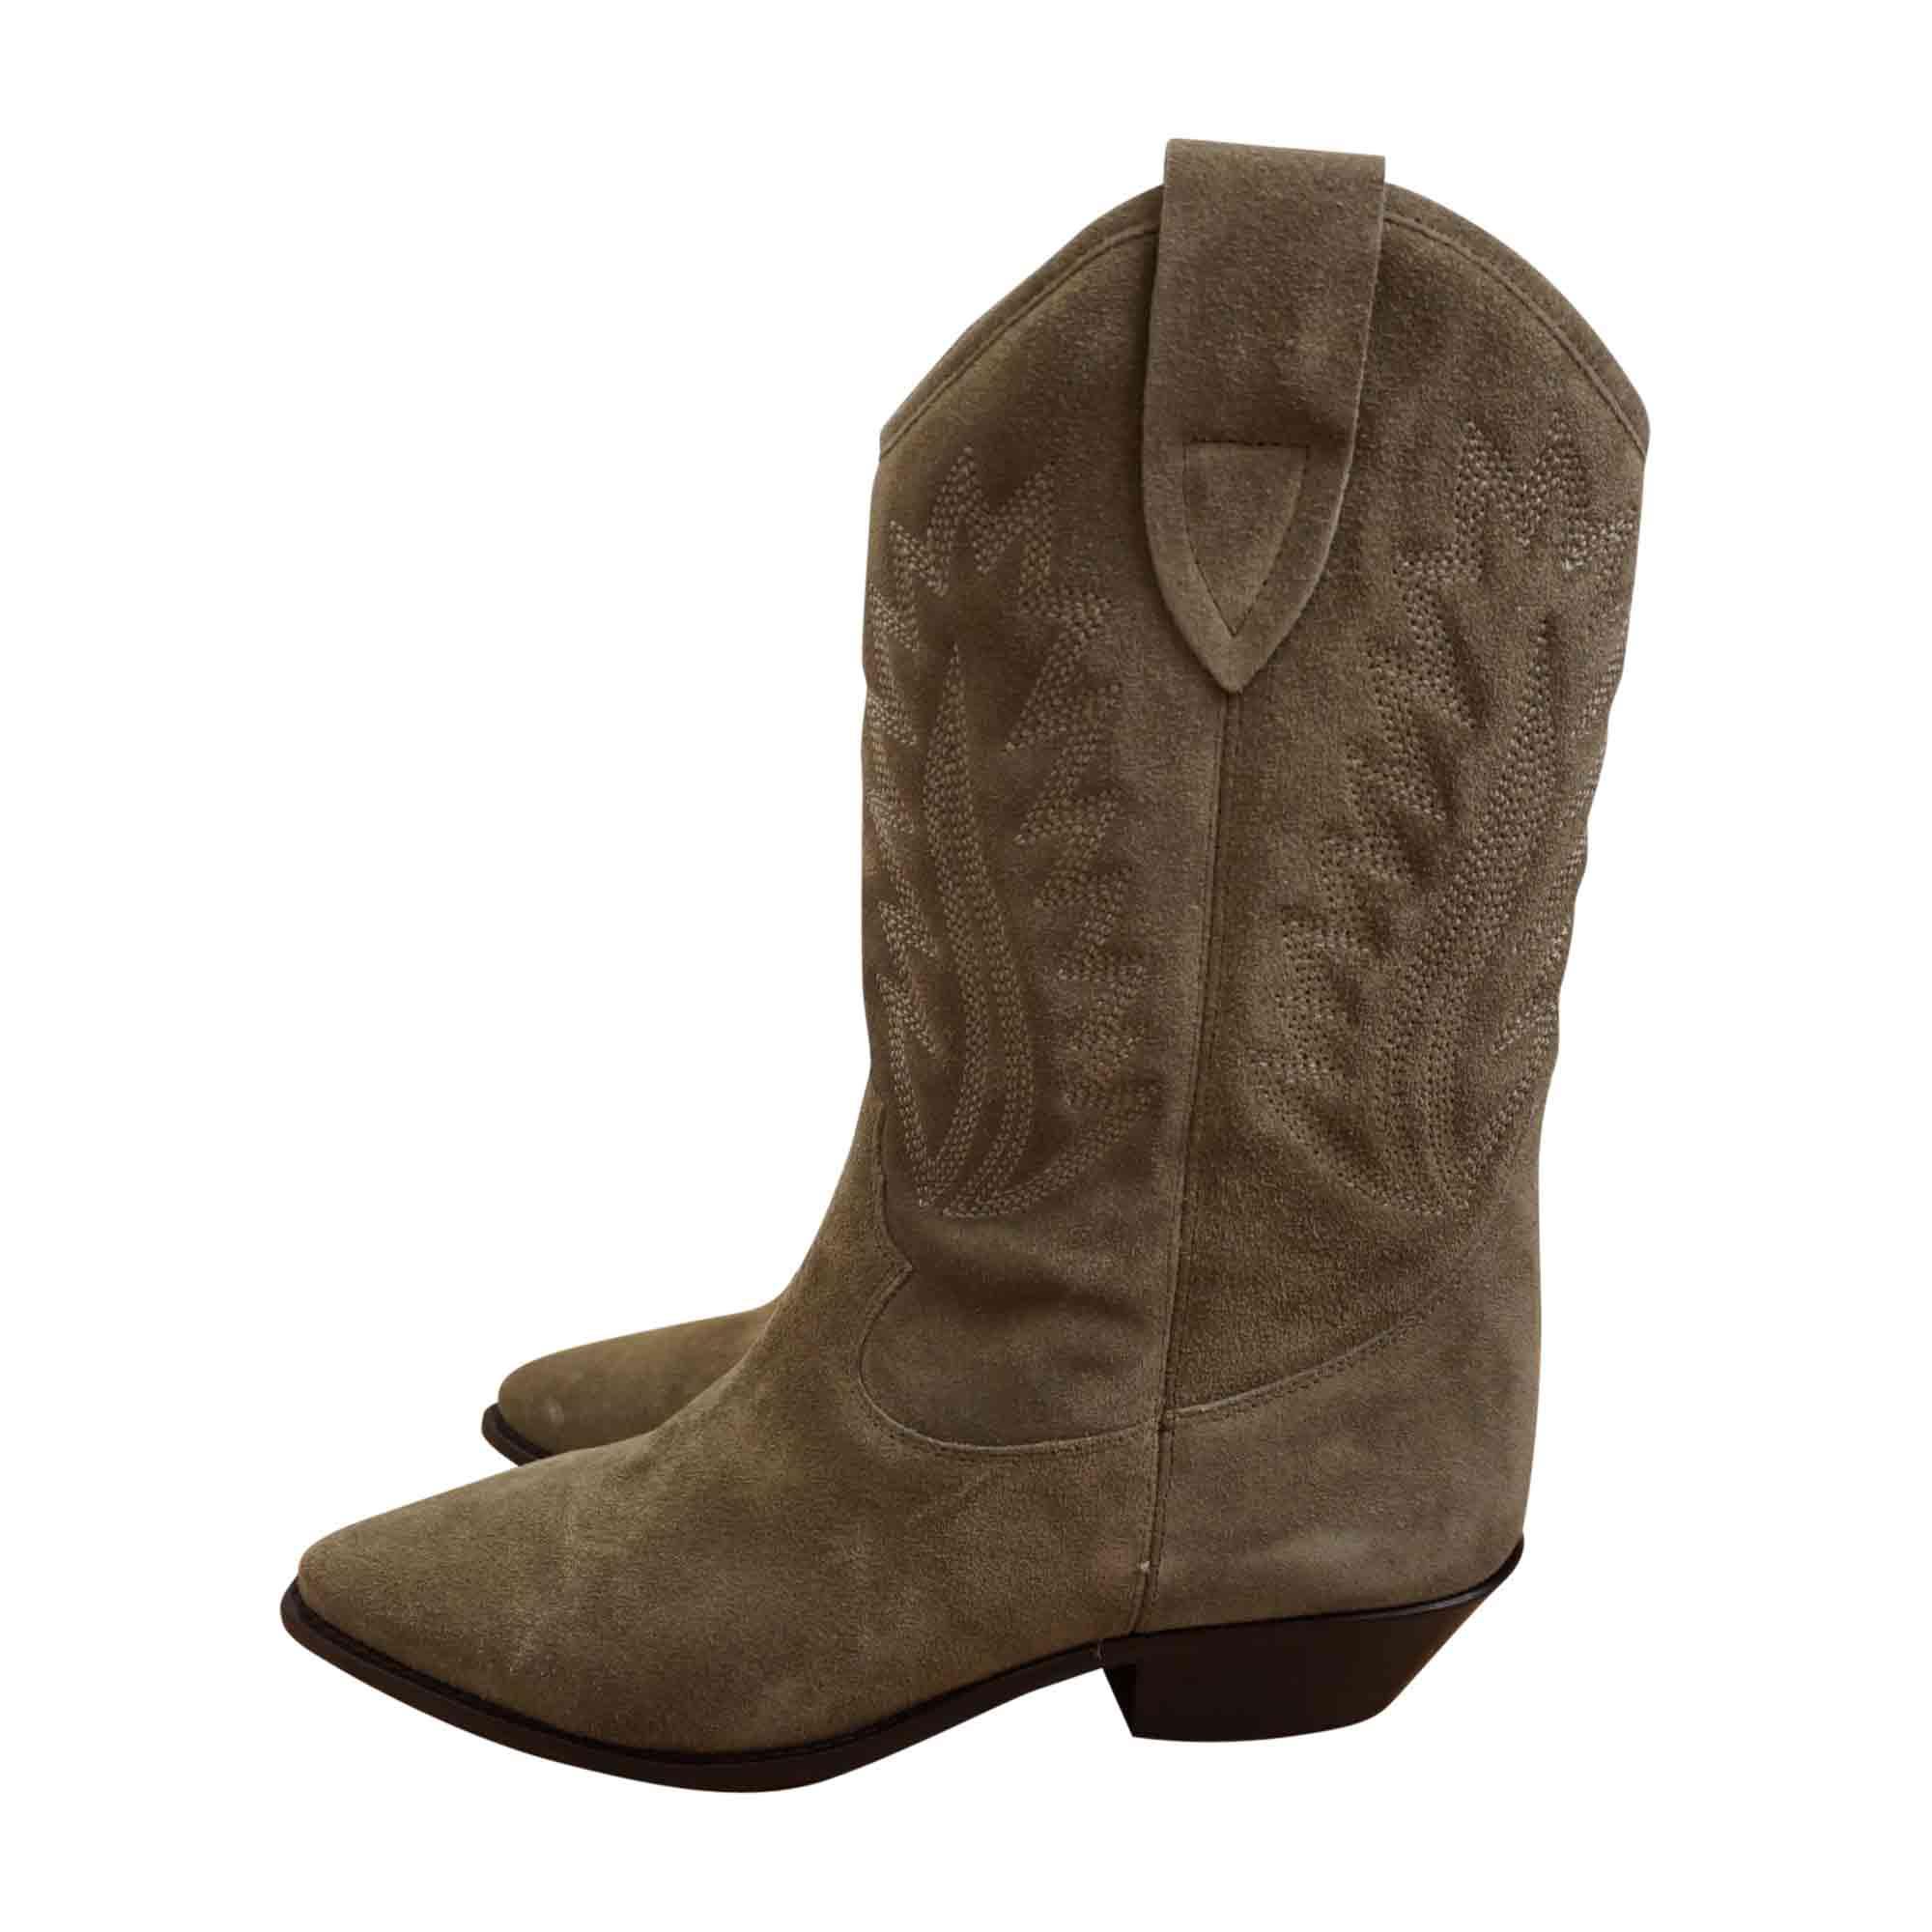 mode la plus désirable fréquent renommée mondiale Santiags, bottes cowboy